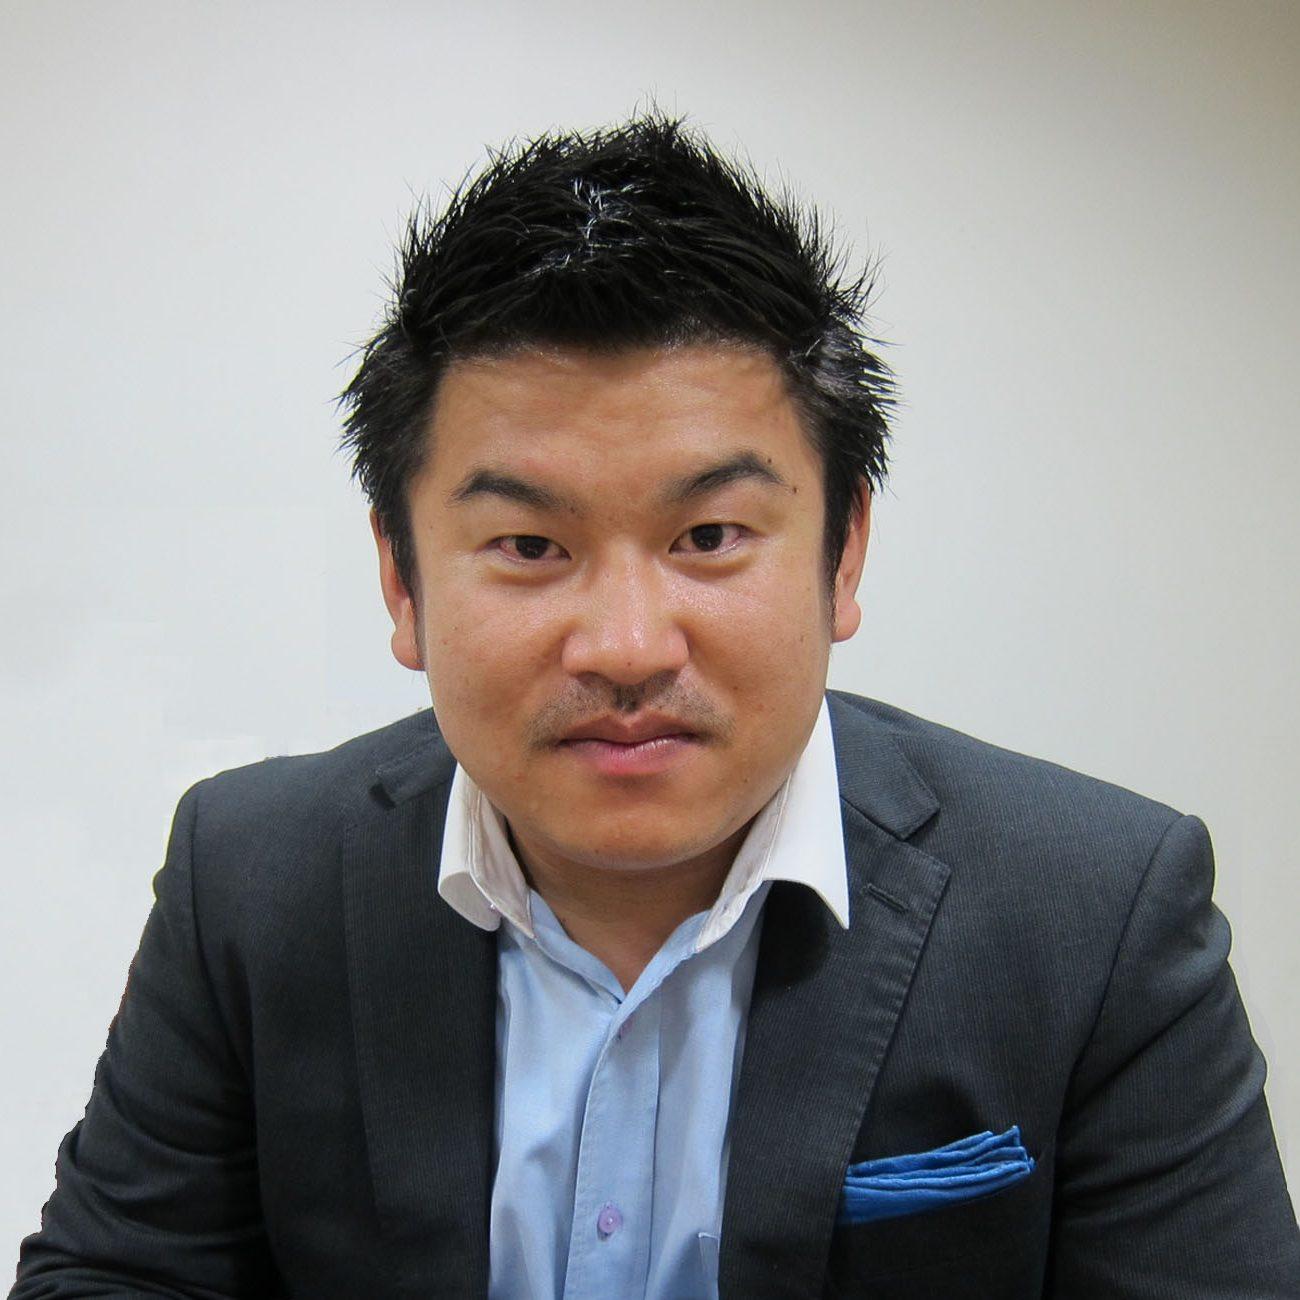 tsukinari_photo